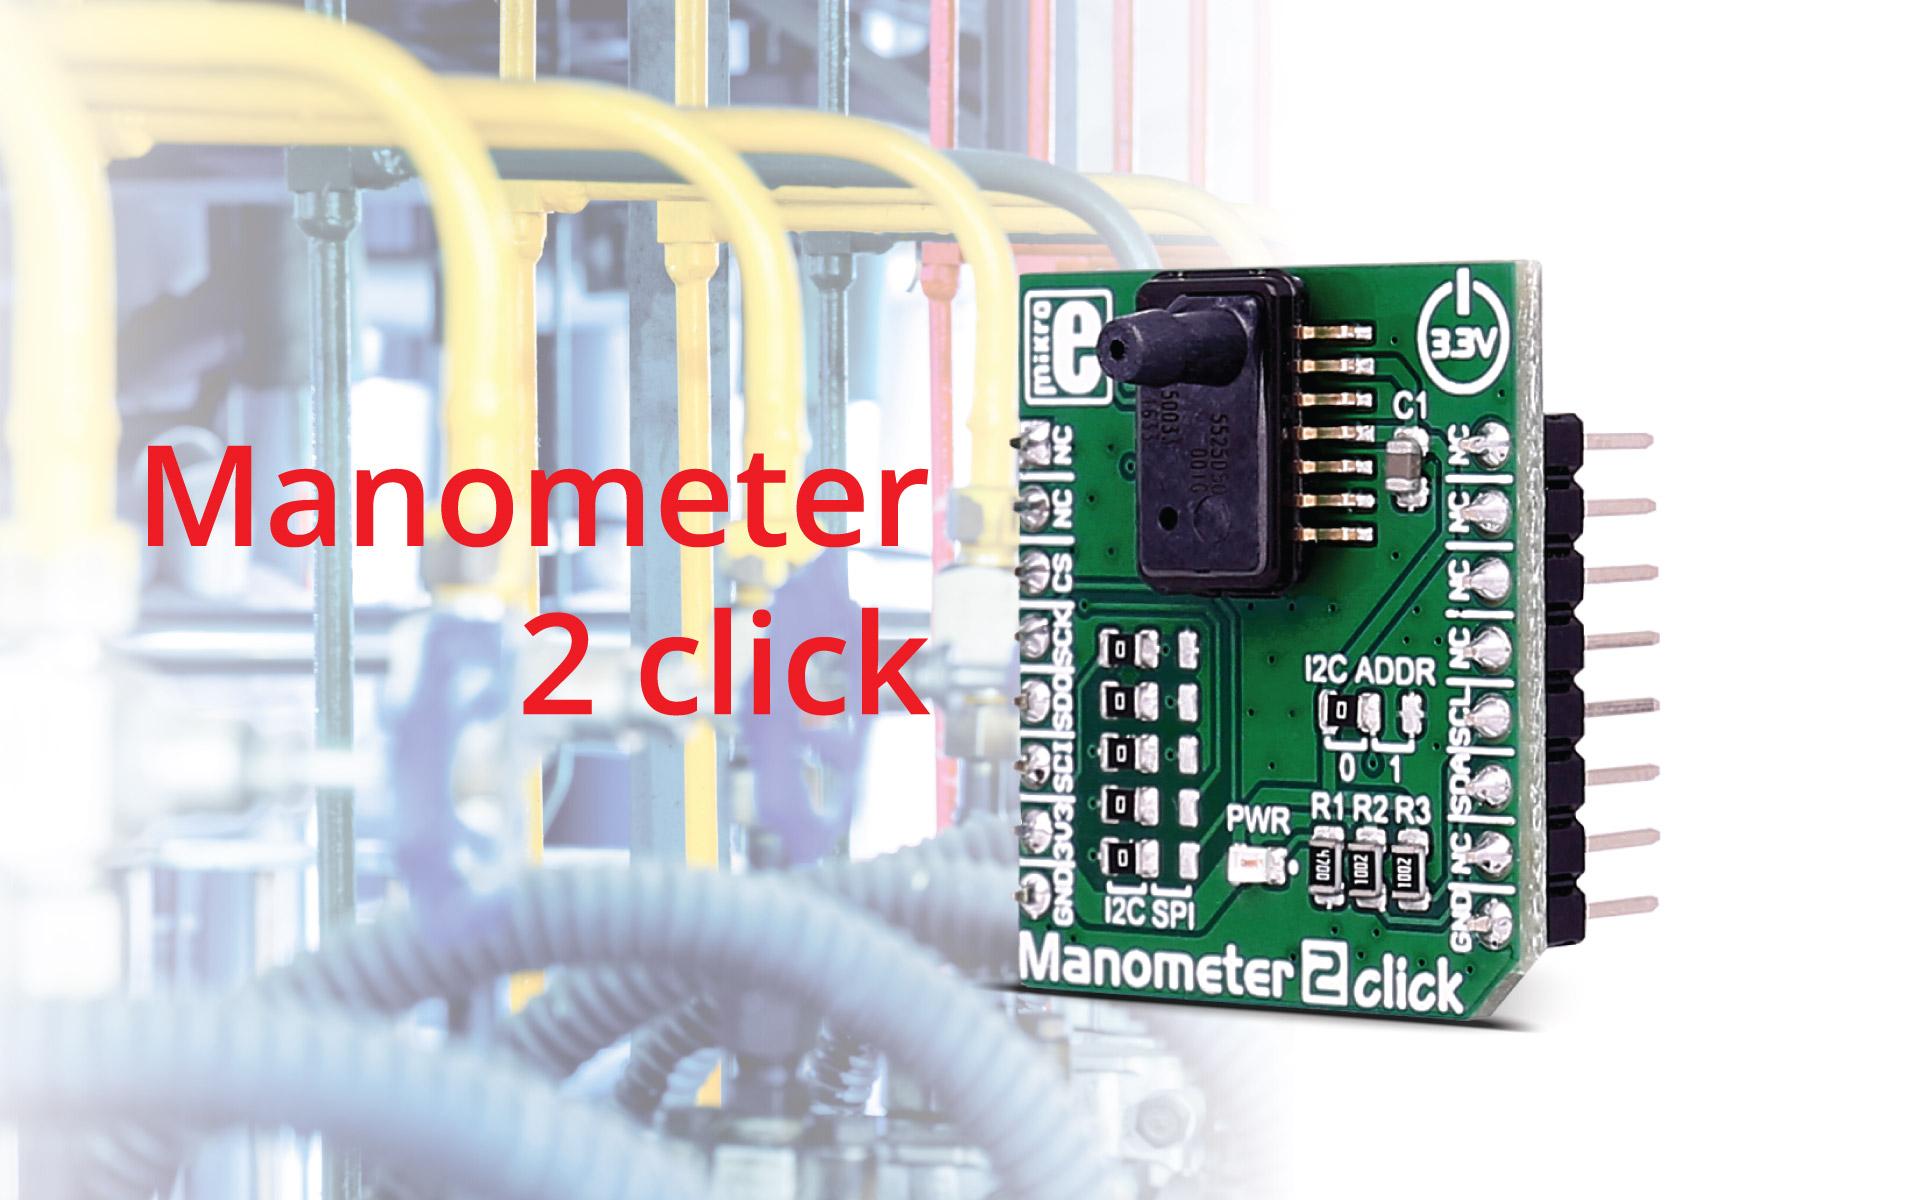 Manometer 2 click - super small pressure sensor